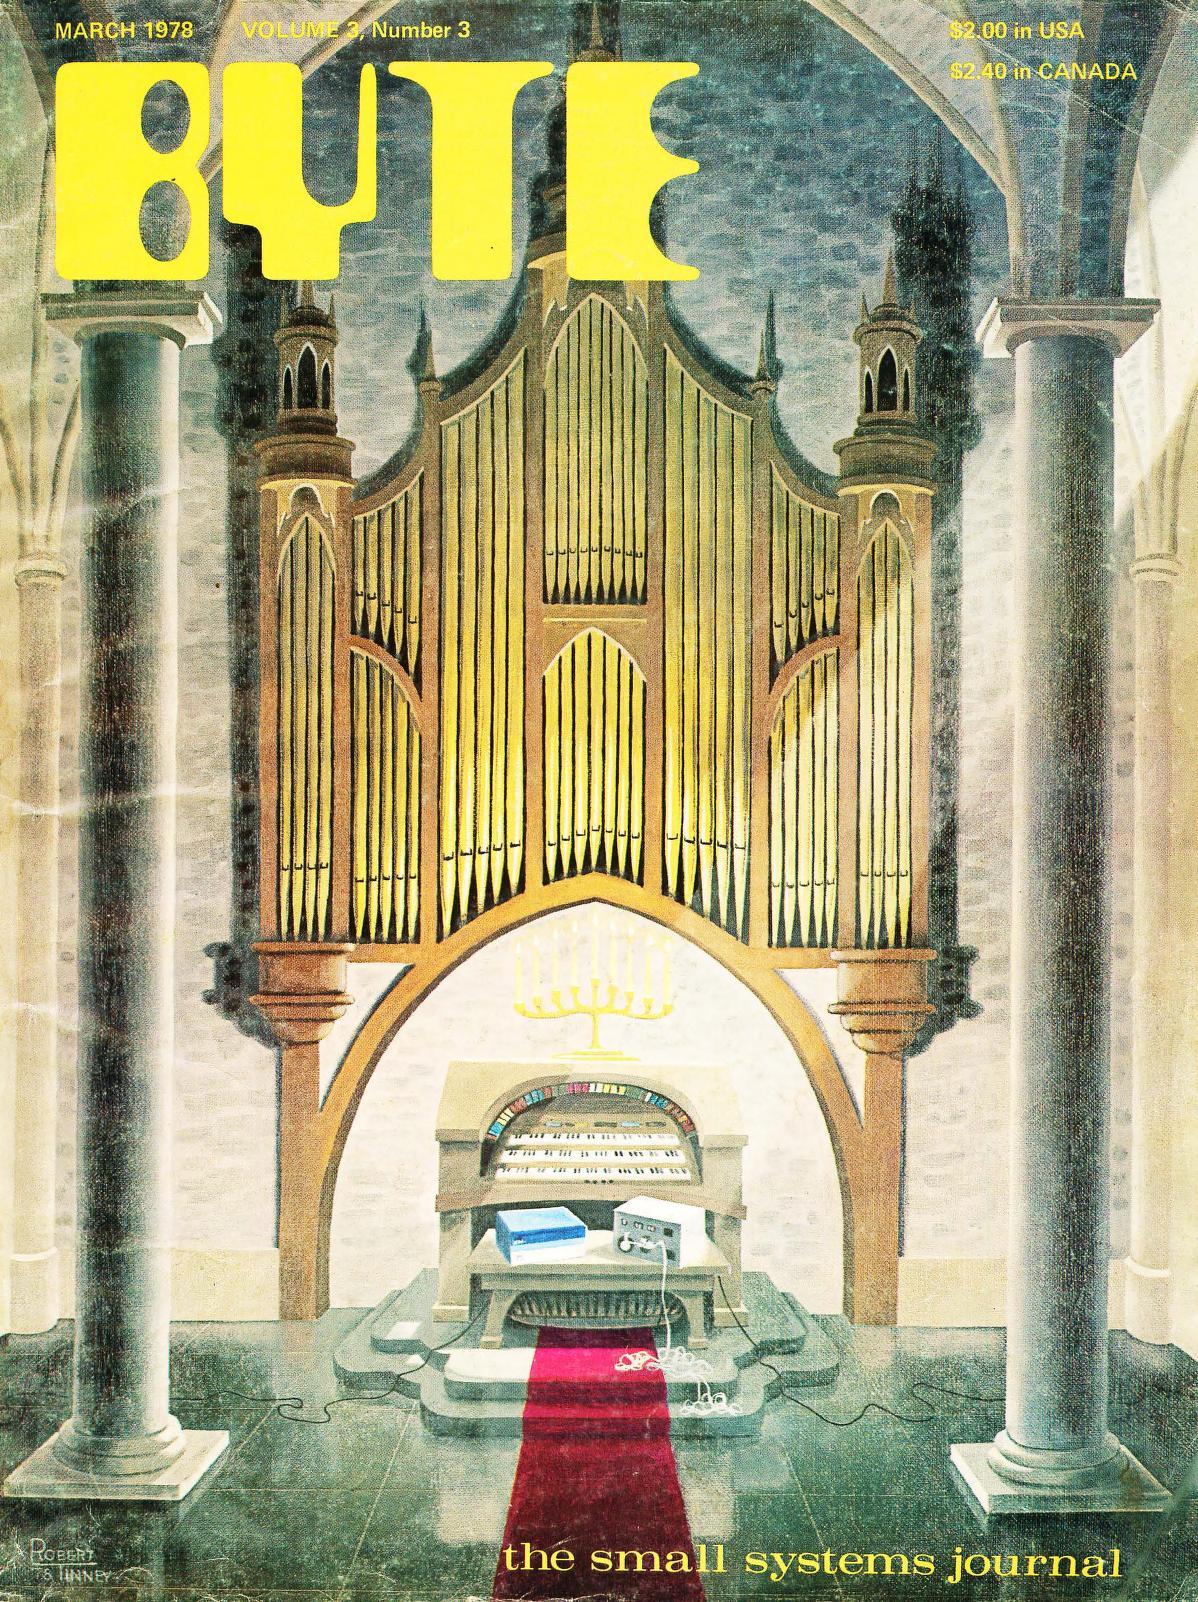 Mars 1978. Malt av Robert Tinney. Dette nummeret tar blant annet for seg hvordan man kan programmere datamaskiner til å spille på et klassisk pipeorgel.